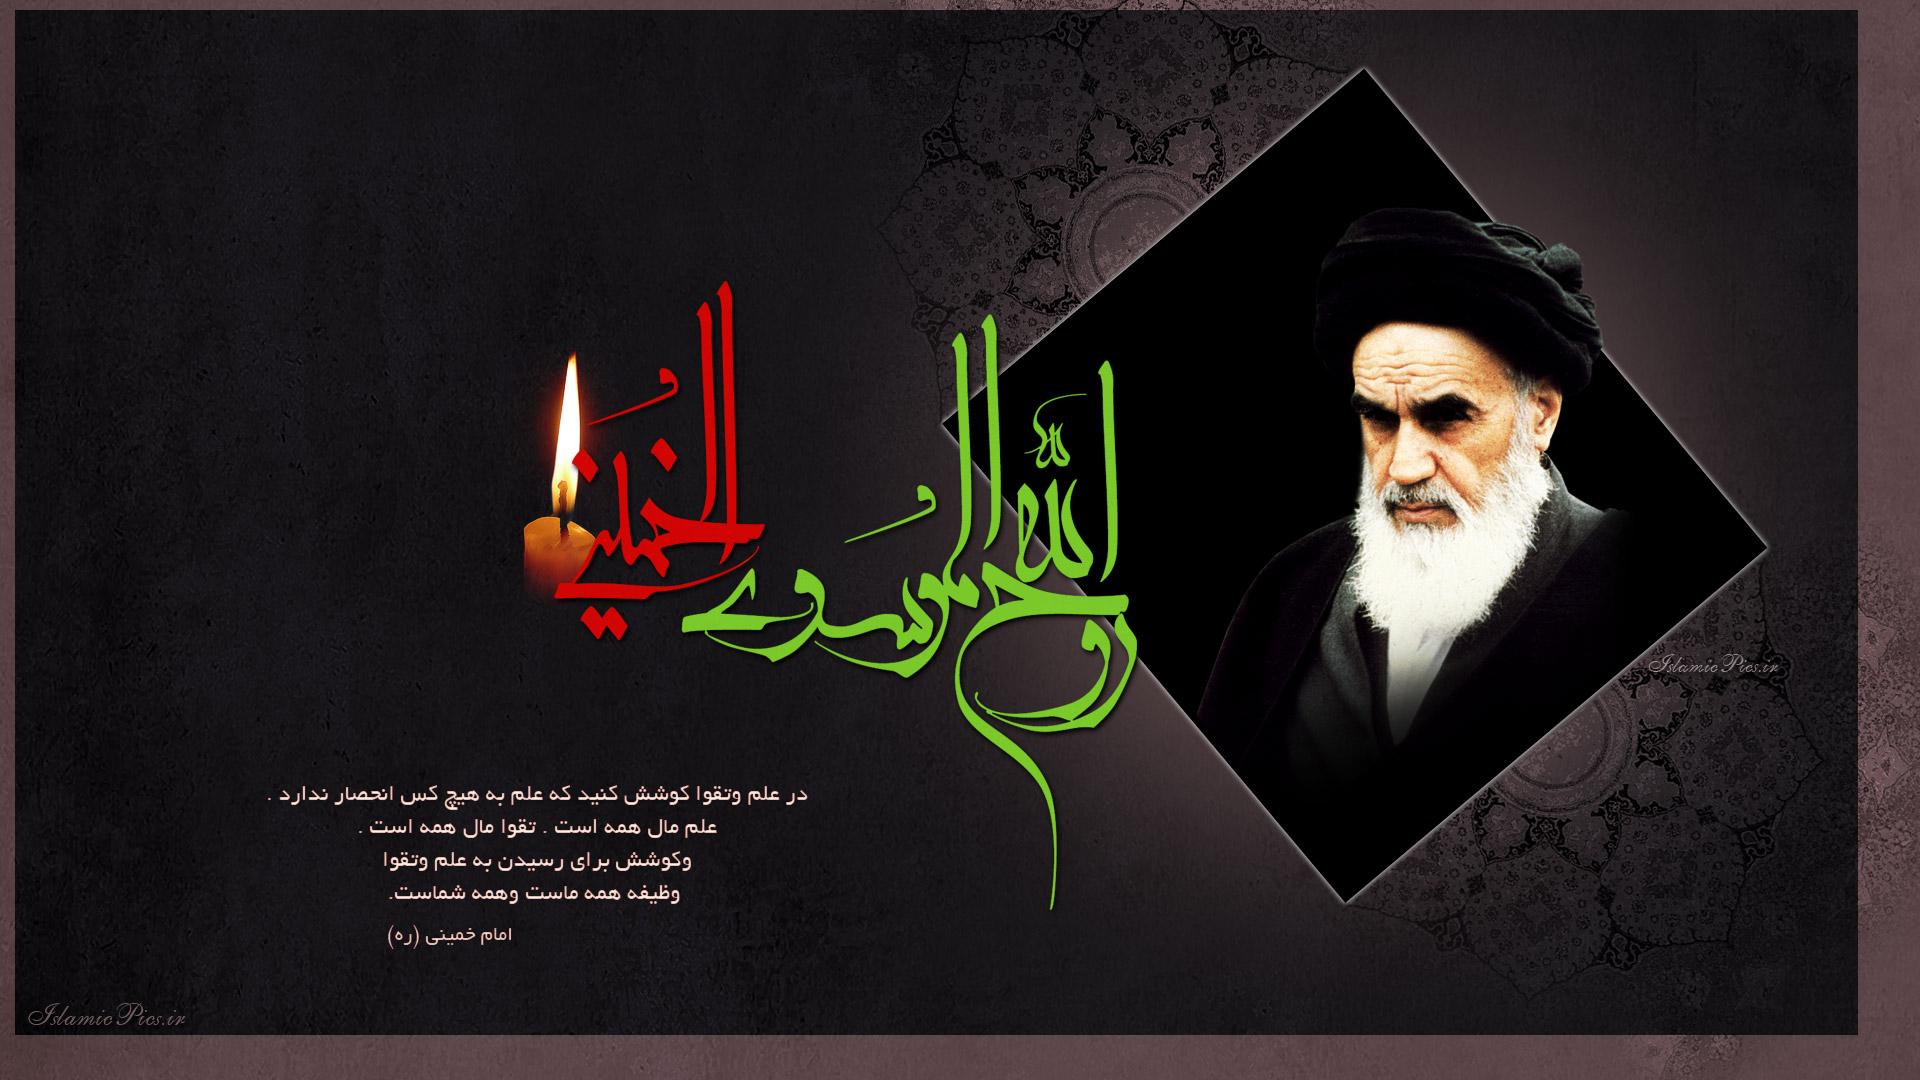 بیست و پنجمین سالگرد ارتحال امام خمینی(ره) گرامی باد.